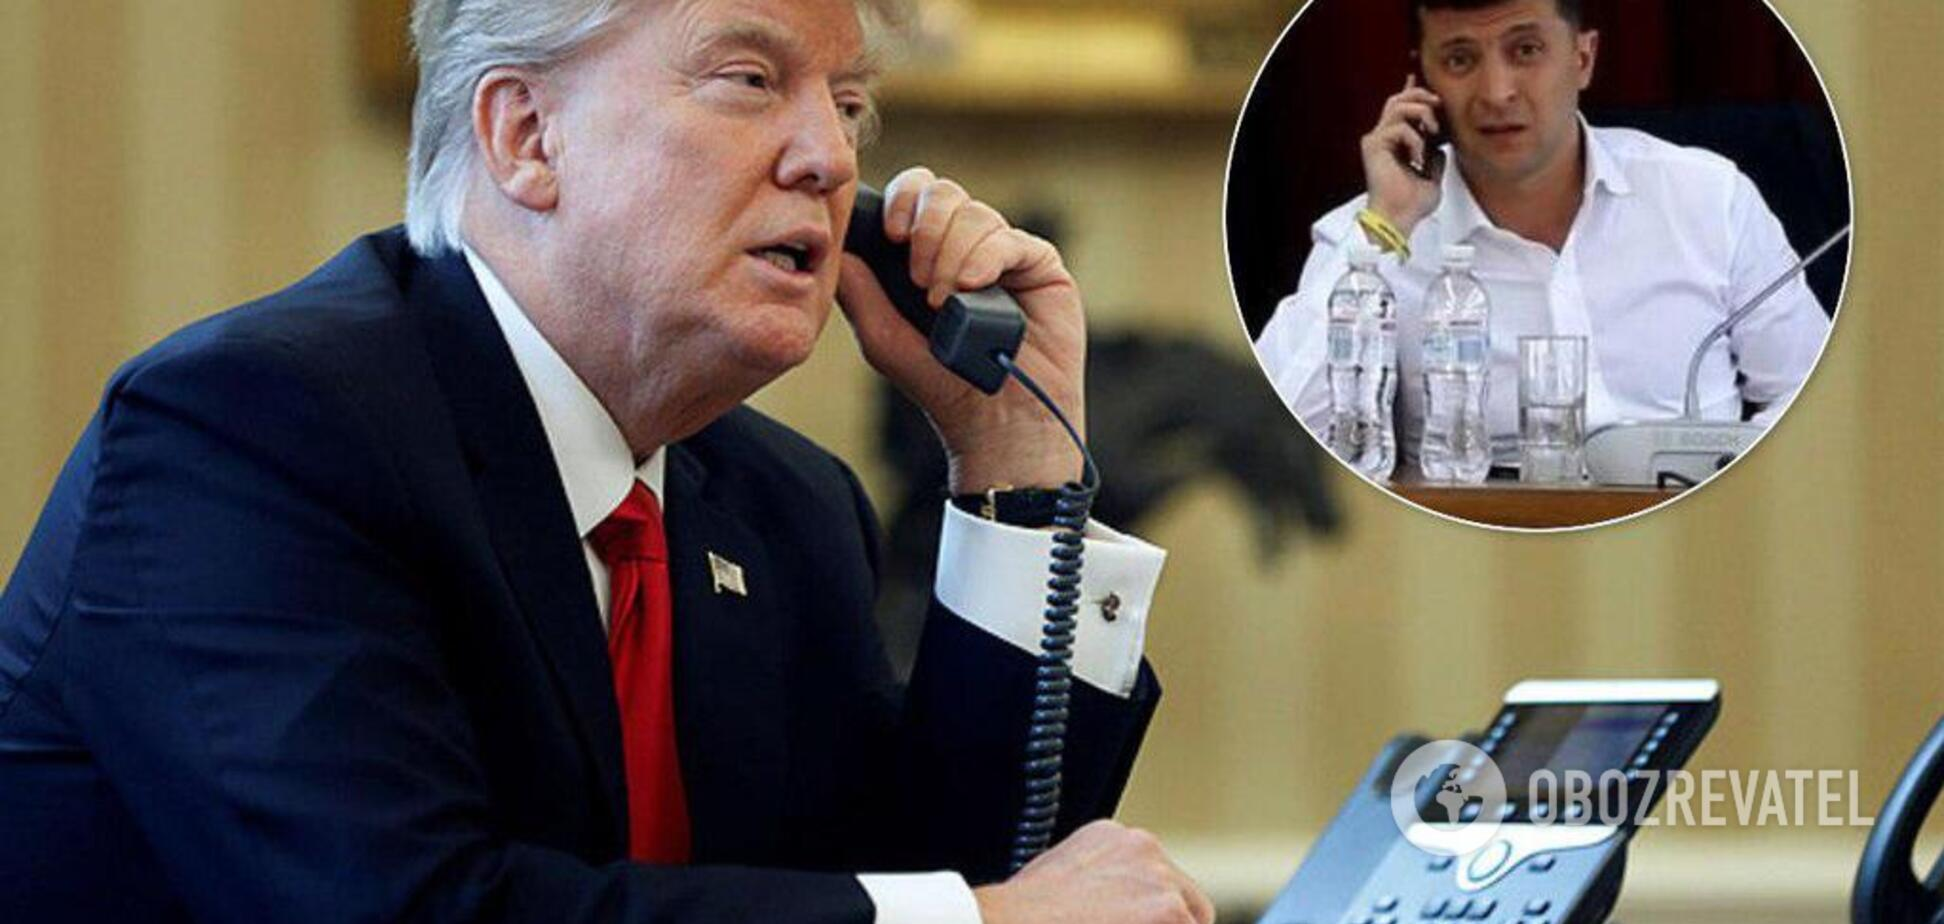 Зеленський не давав згоди: з'ясувалися нові факти про скандал із Трампом